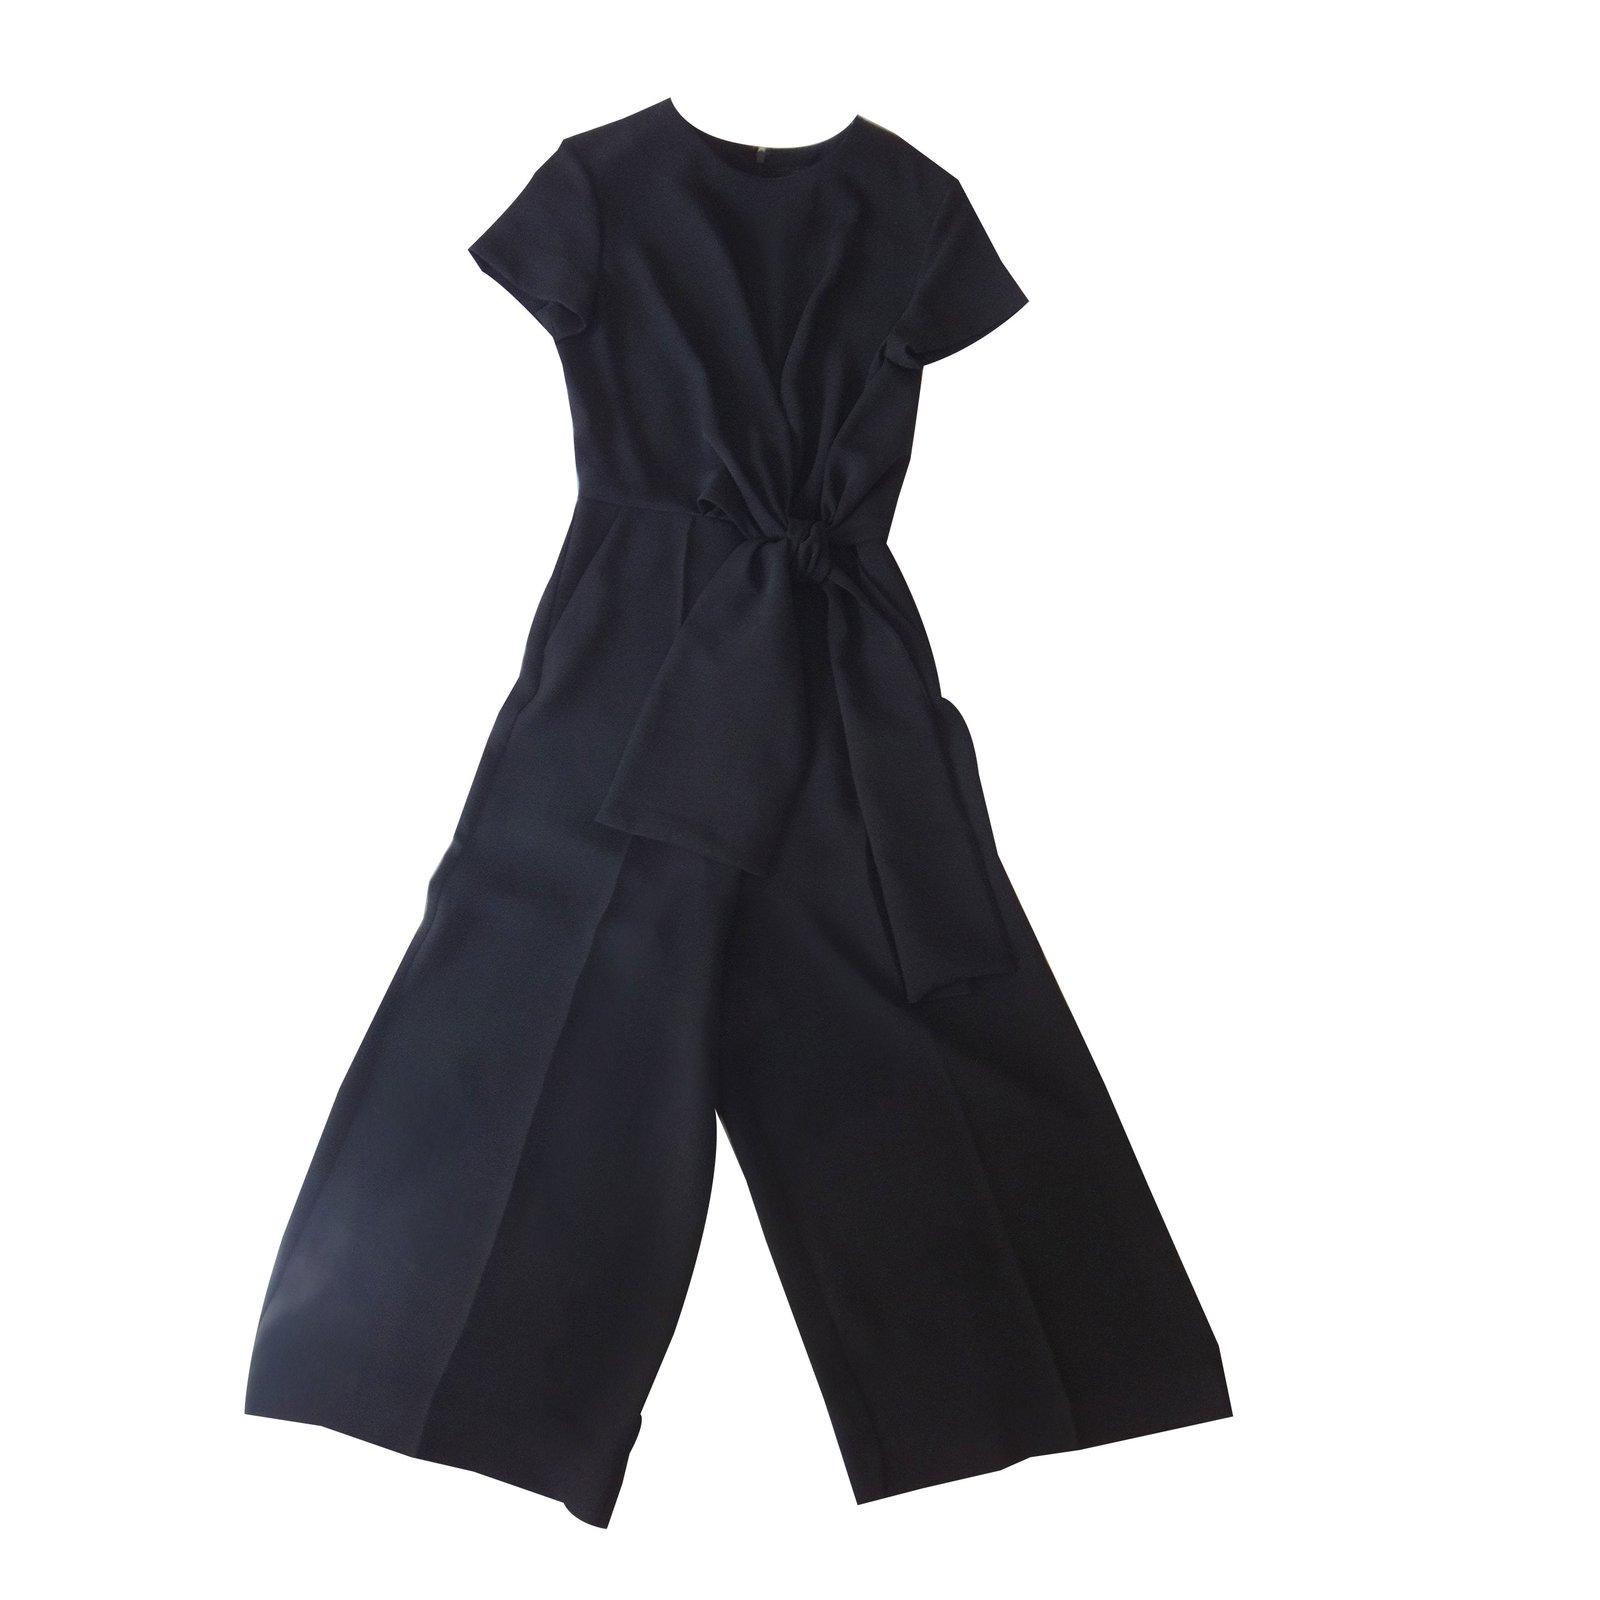 Combinaisons cos combinaison chic polyester noir joli closet - Combinaison noire chic ...